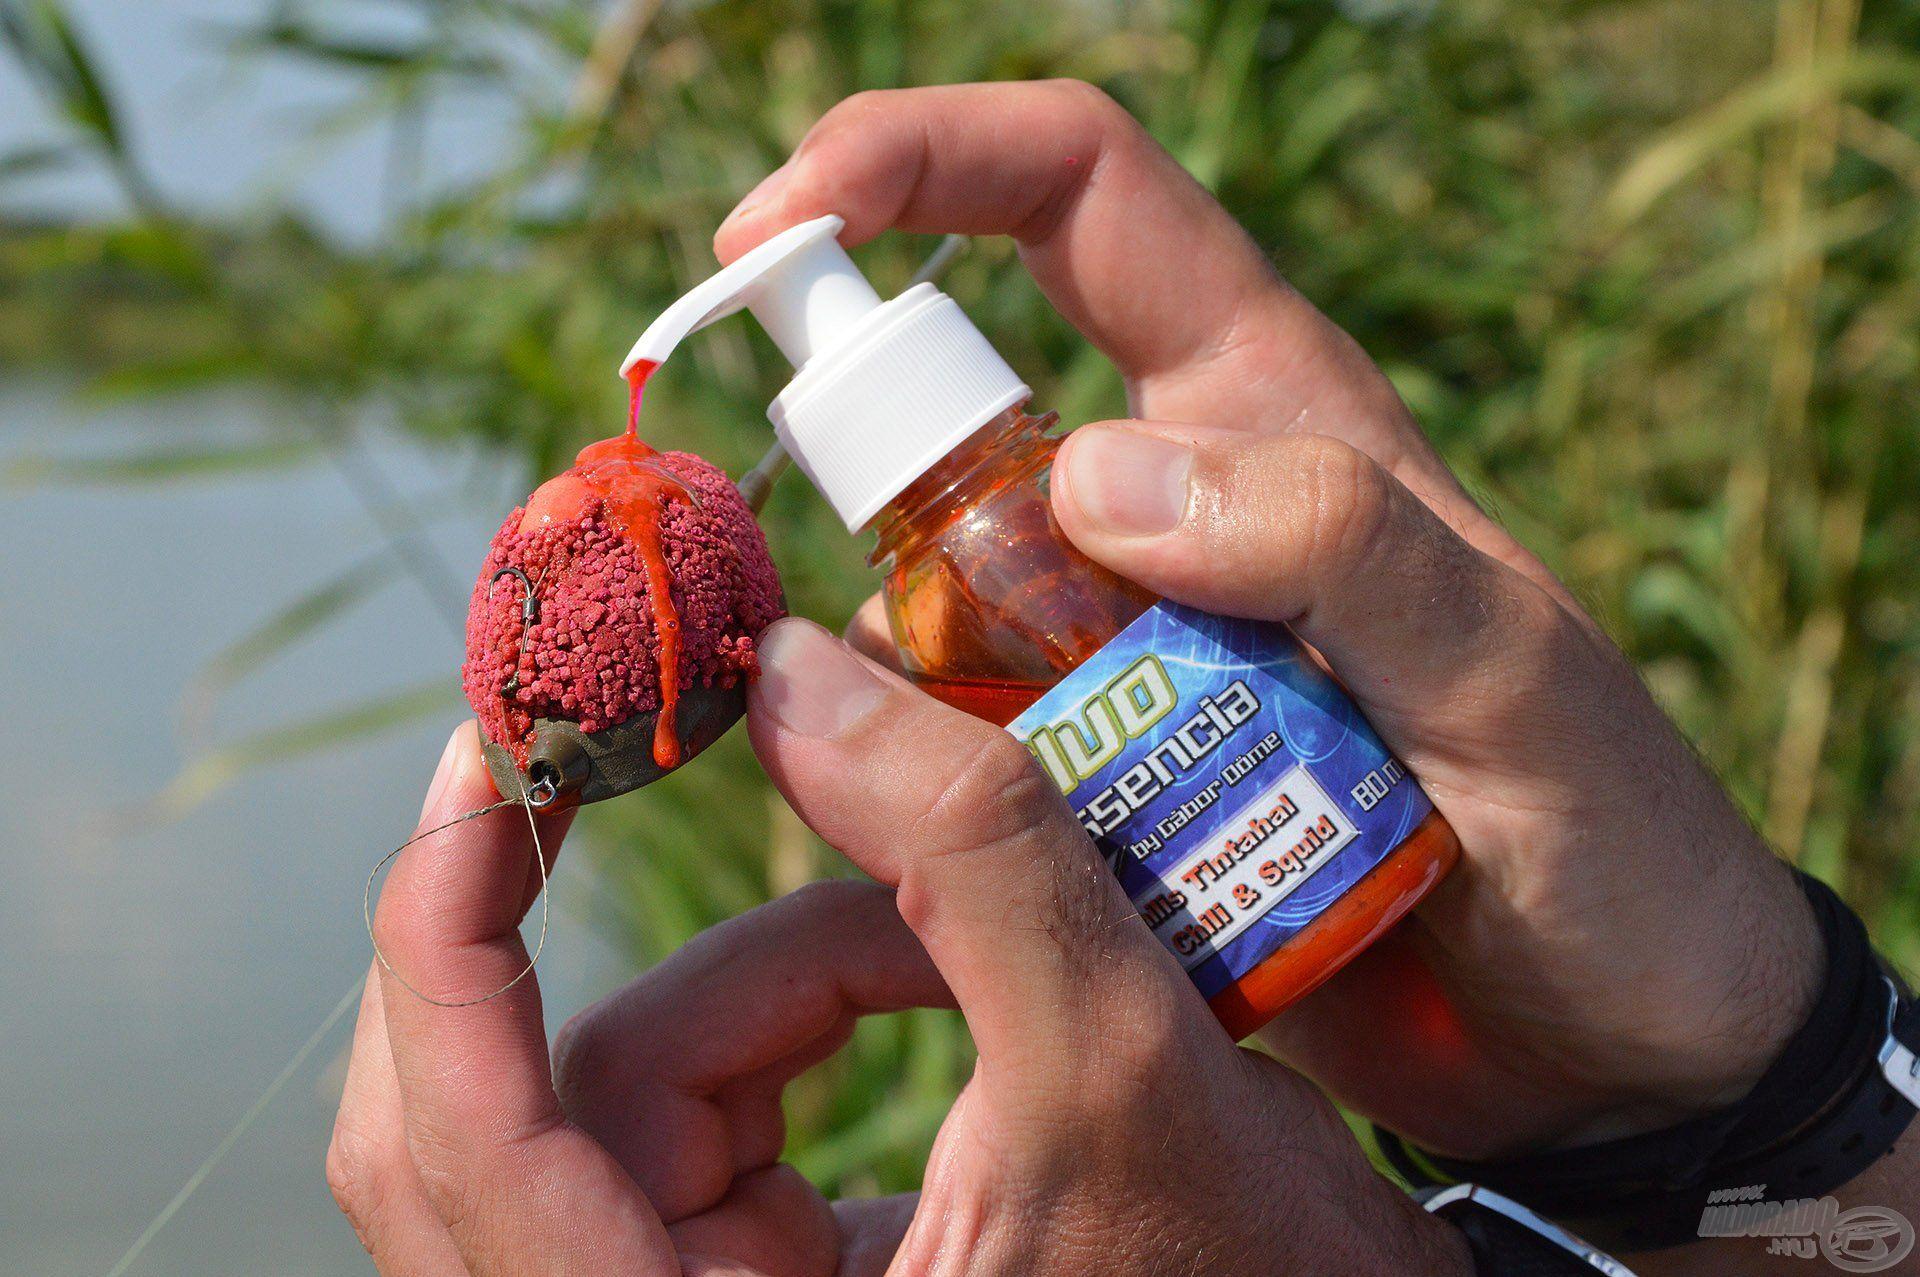 Még gyorsabban elérhetjük a kapást, ha bedobás előtt a kosárra kis adag Fluo Essencia aromát nyomunk